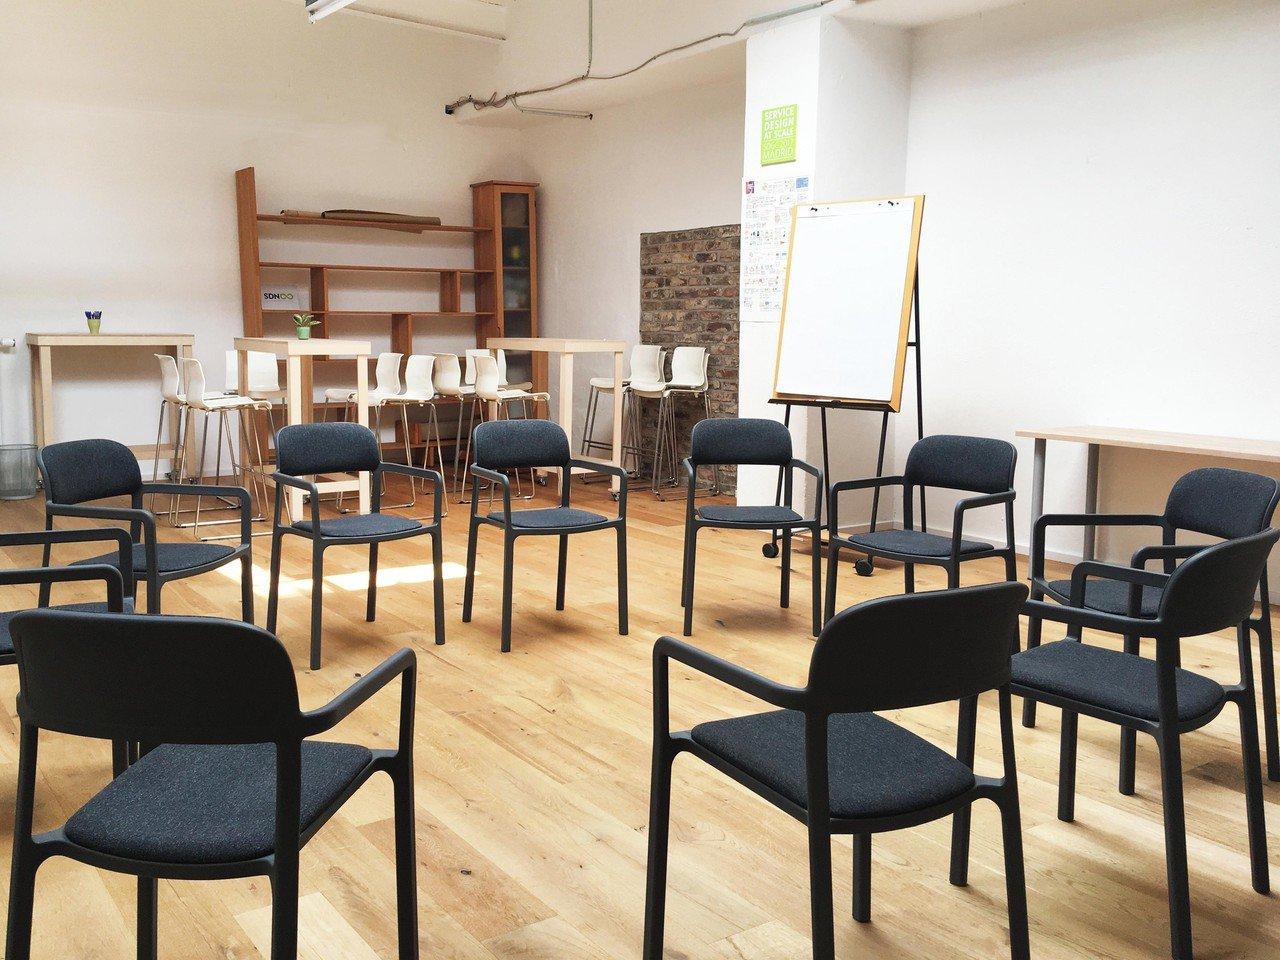 Köln  Meetingraum LOFT33 image 0